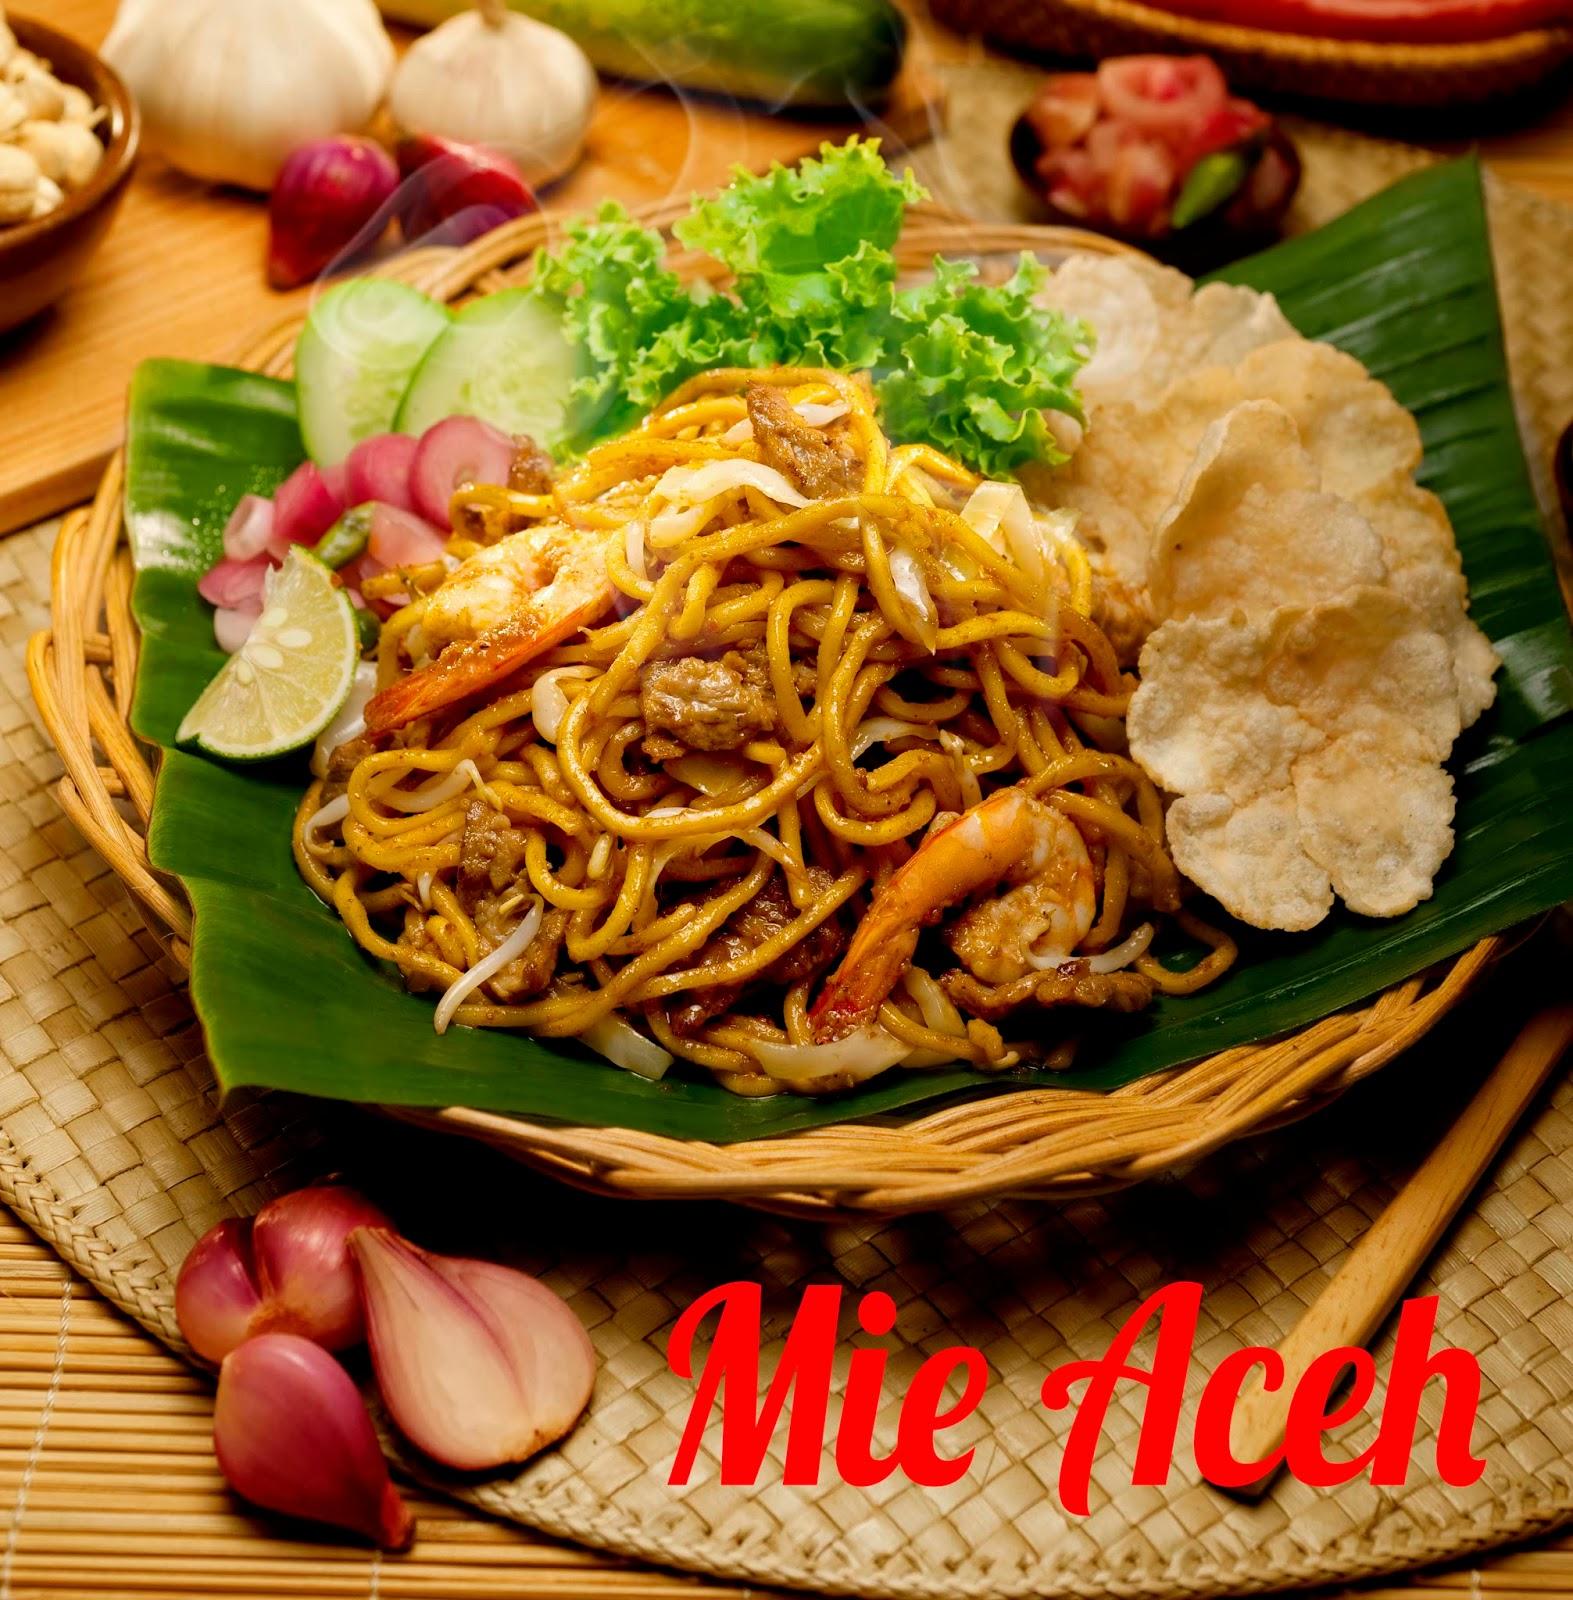 Cara Memasak Membuat Mie Aceh